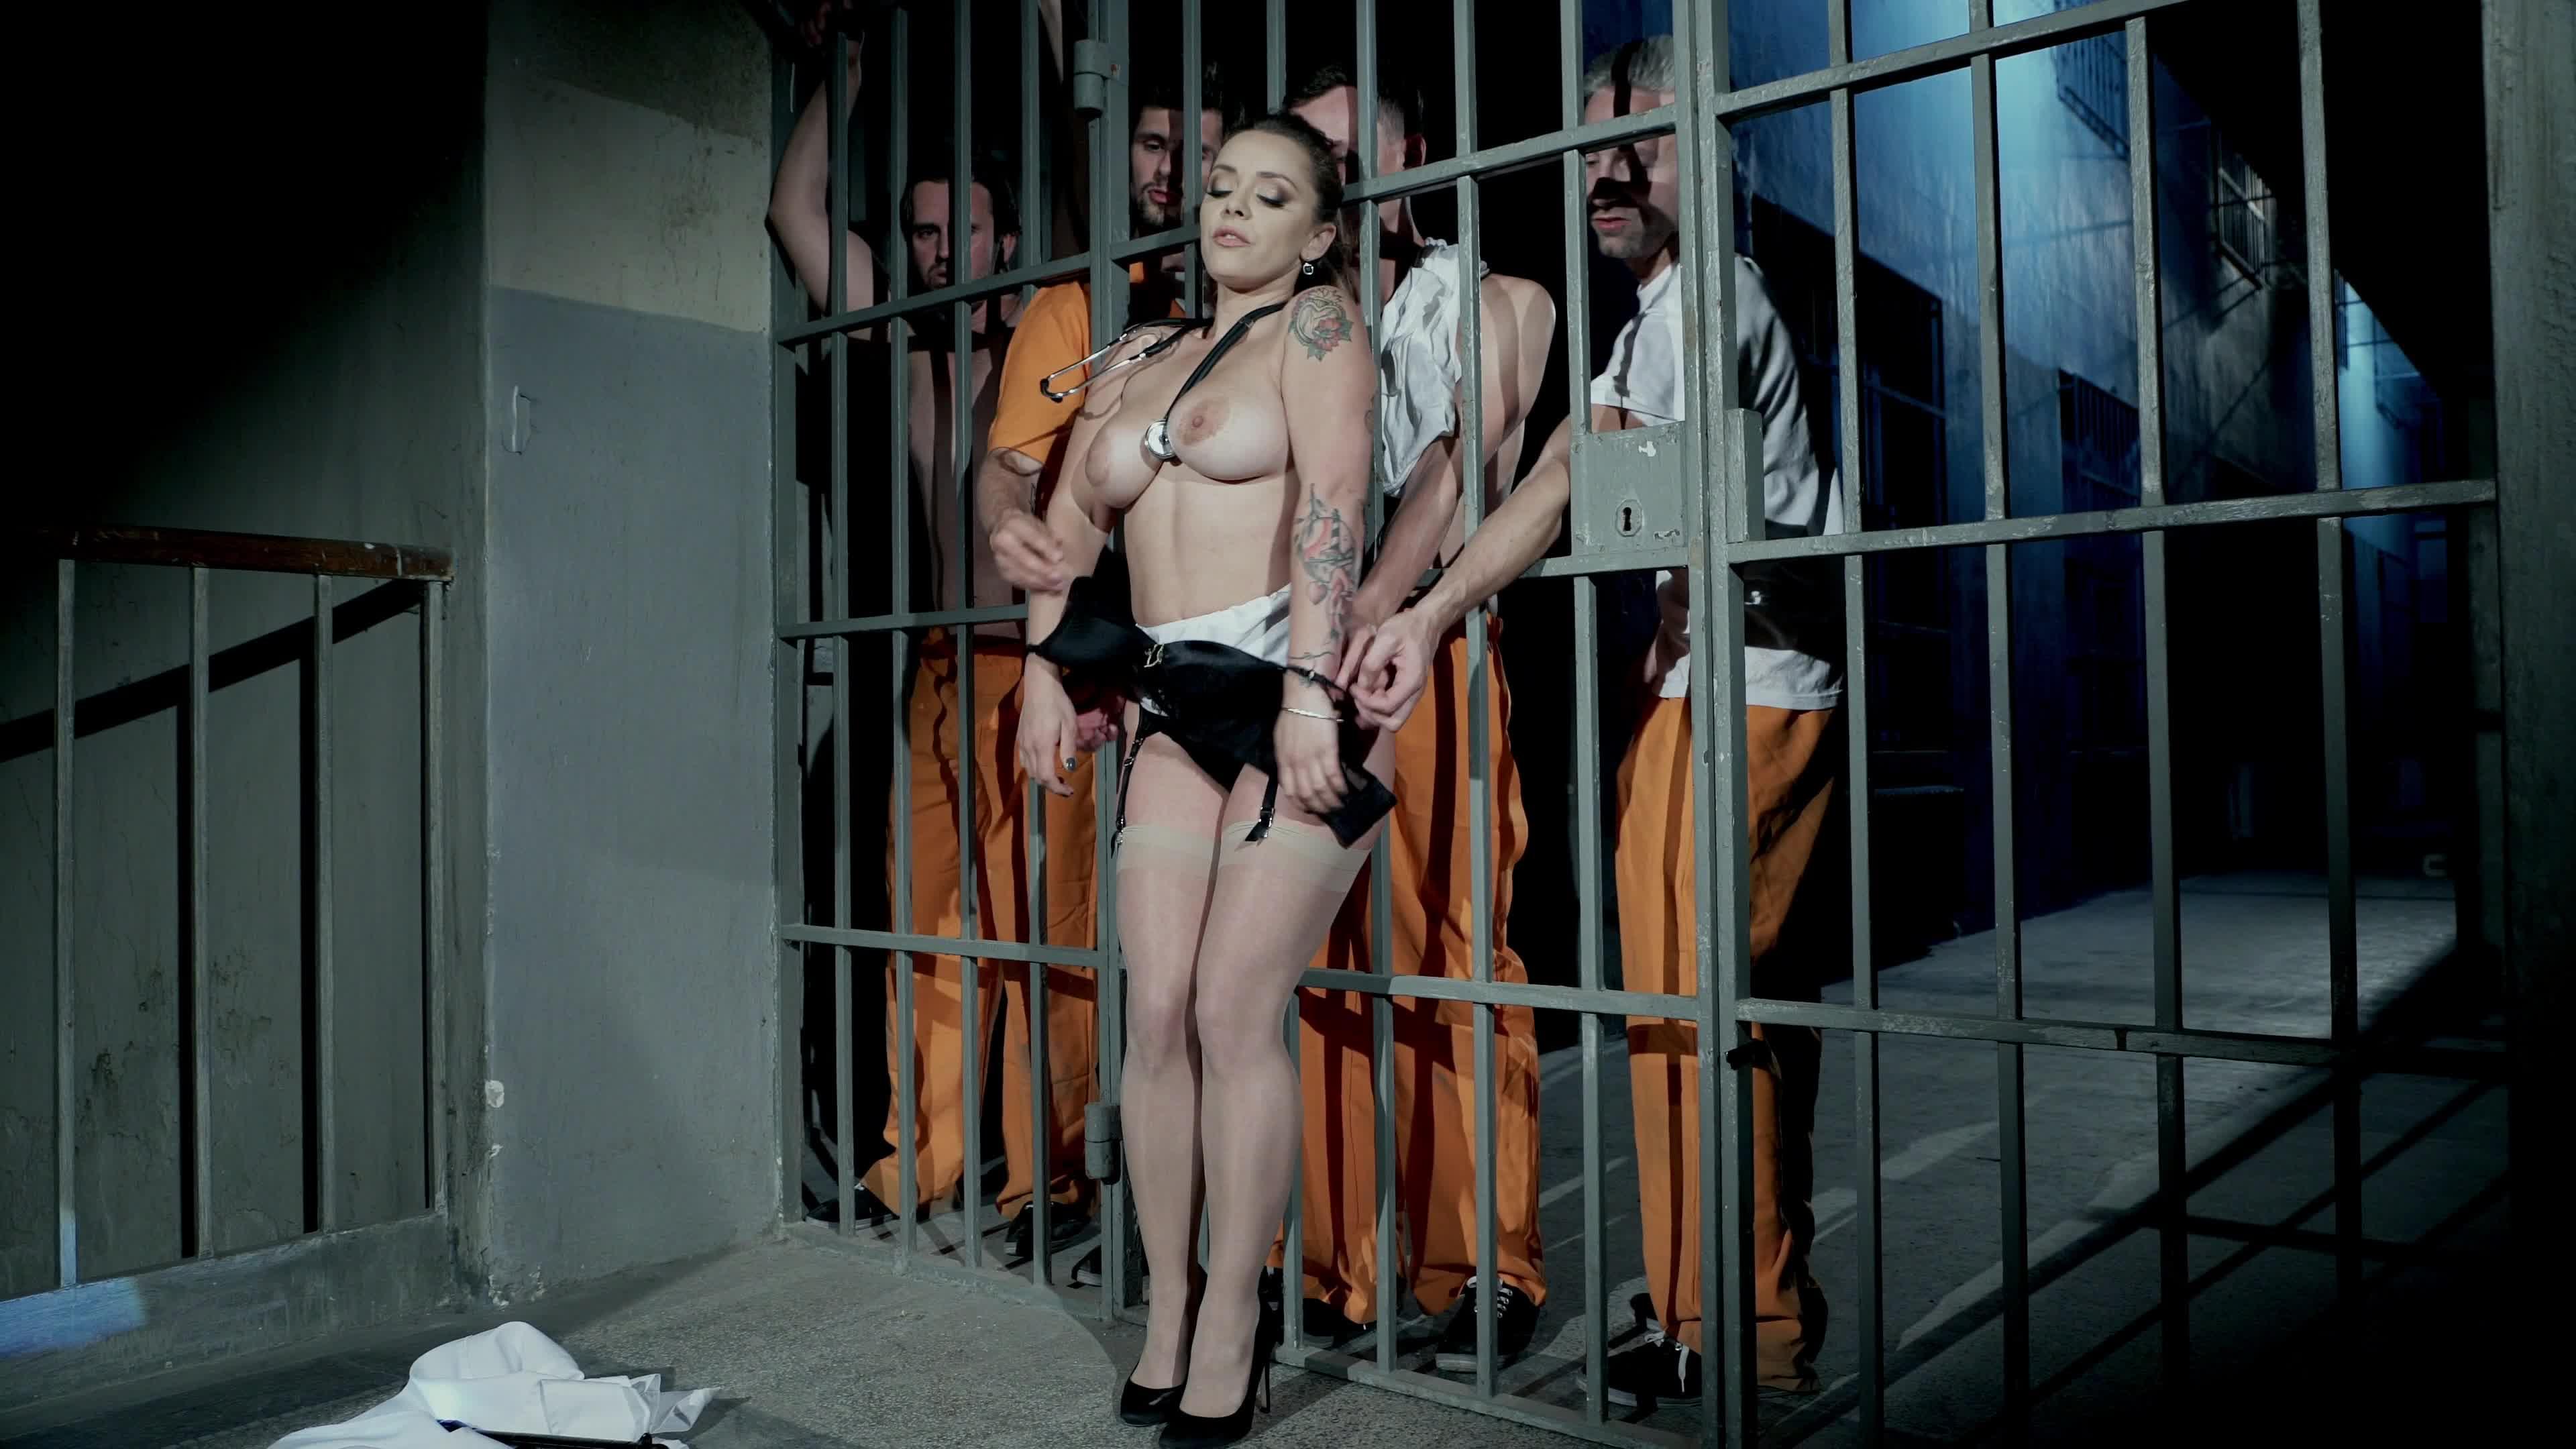 Warden prison